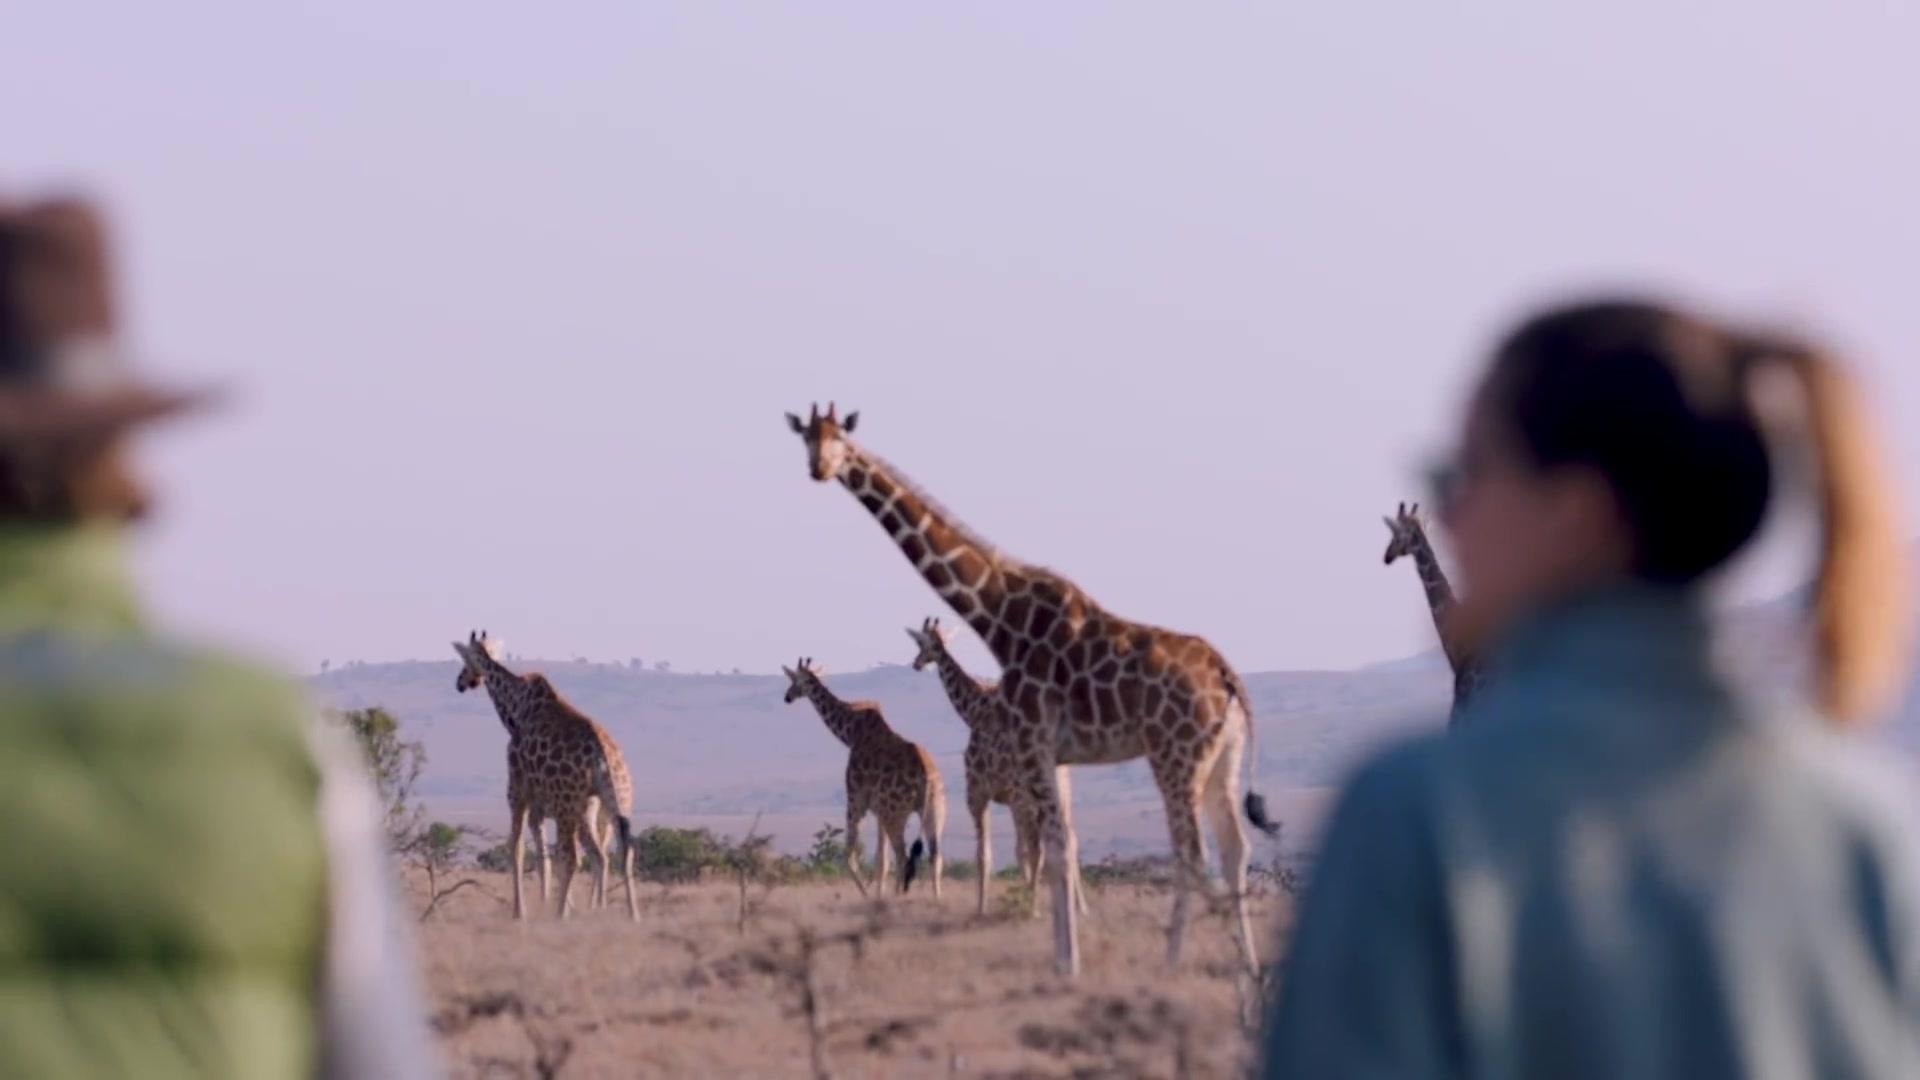 Kenya 2018 best of kenya tourism tripadvisor gumiabroncs Images